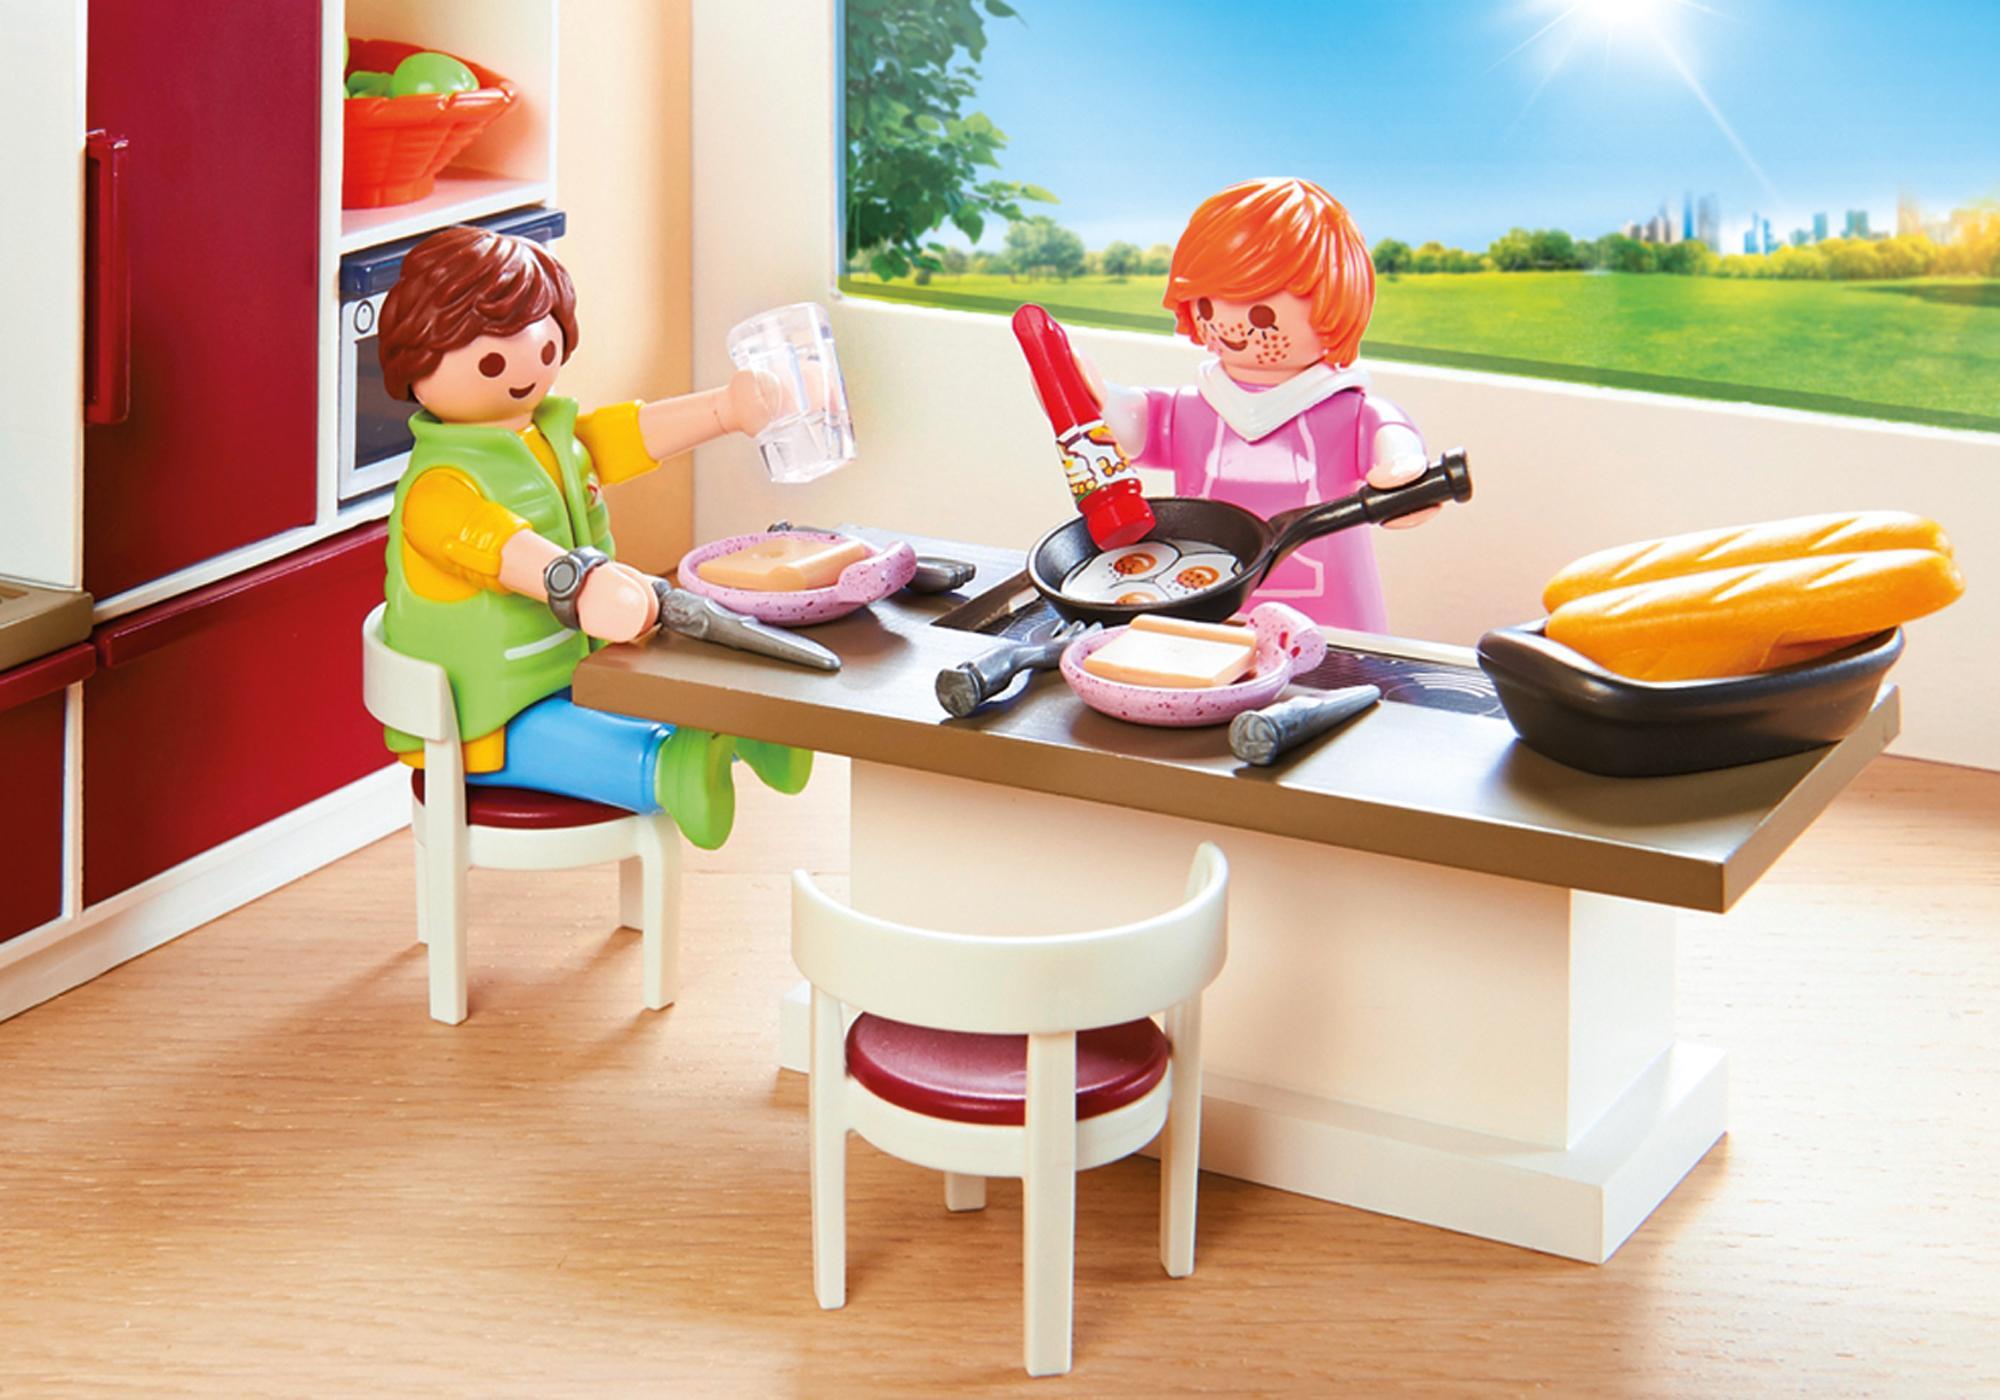 http://media.playmobil.com/i/playmobil/9269_product_extra1/Stort samtalekøkken